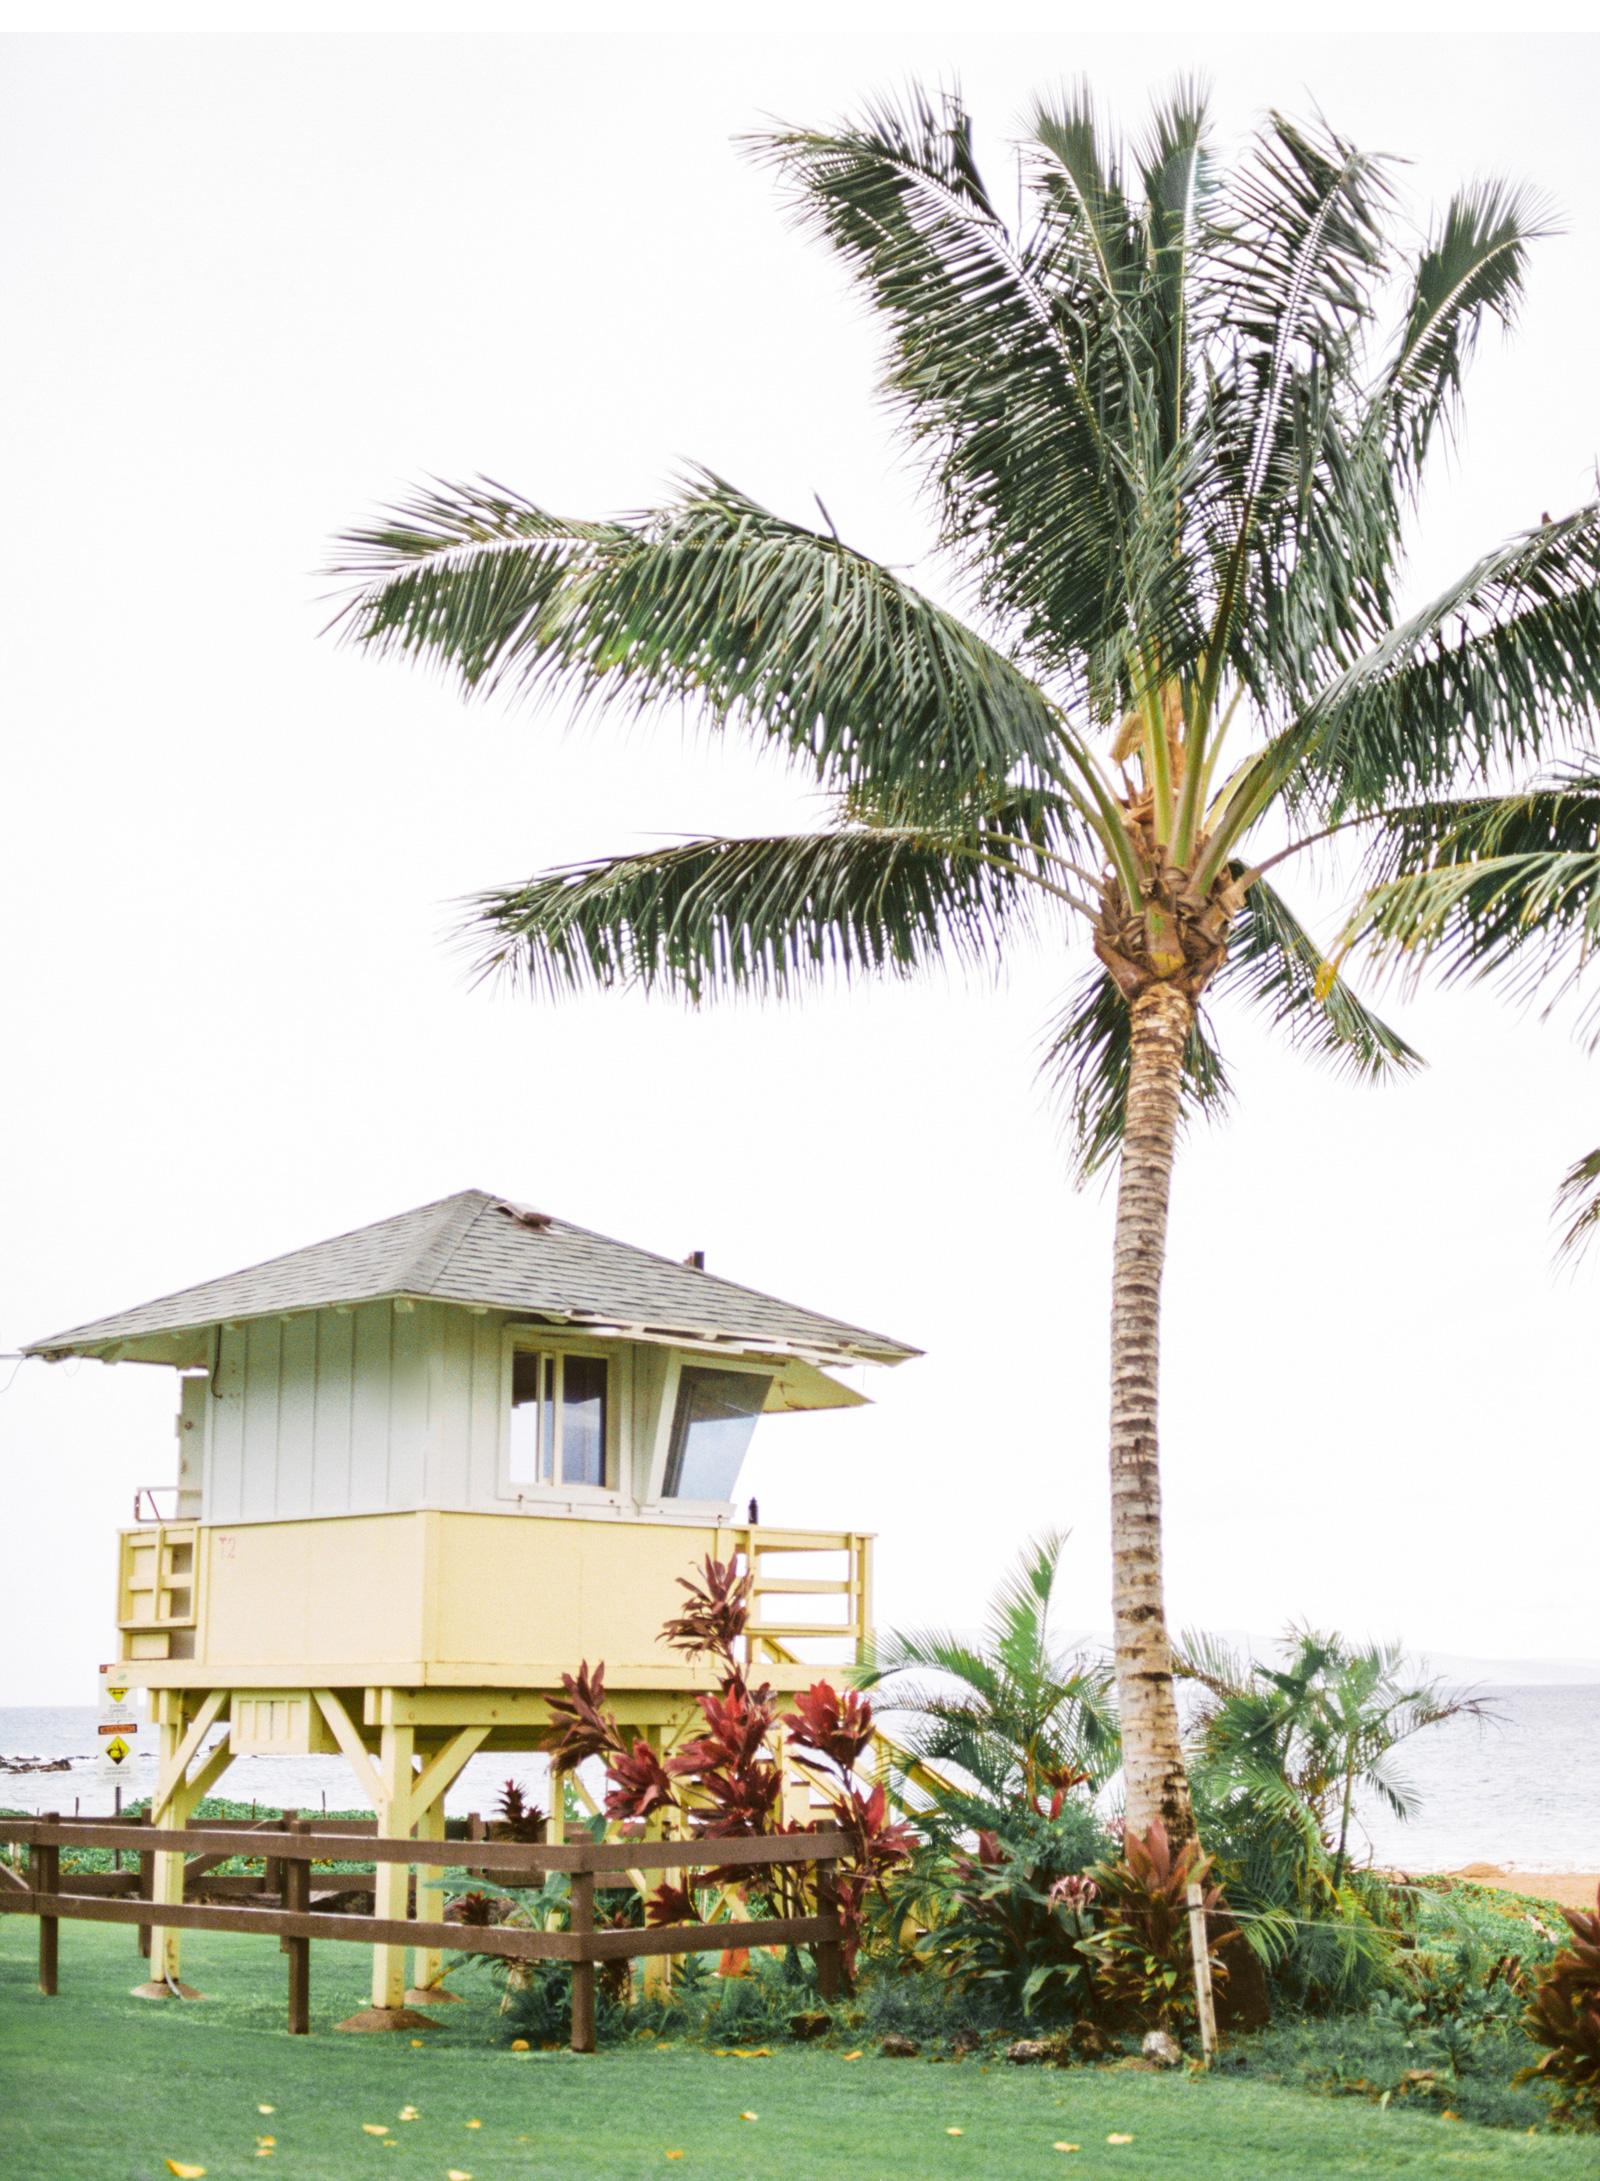 Hawaii-Wedding-Photographer-Natalie-Schutt-Photography_10.jpg